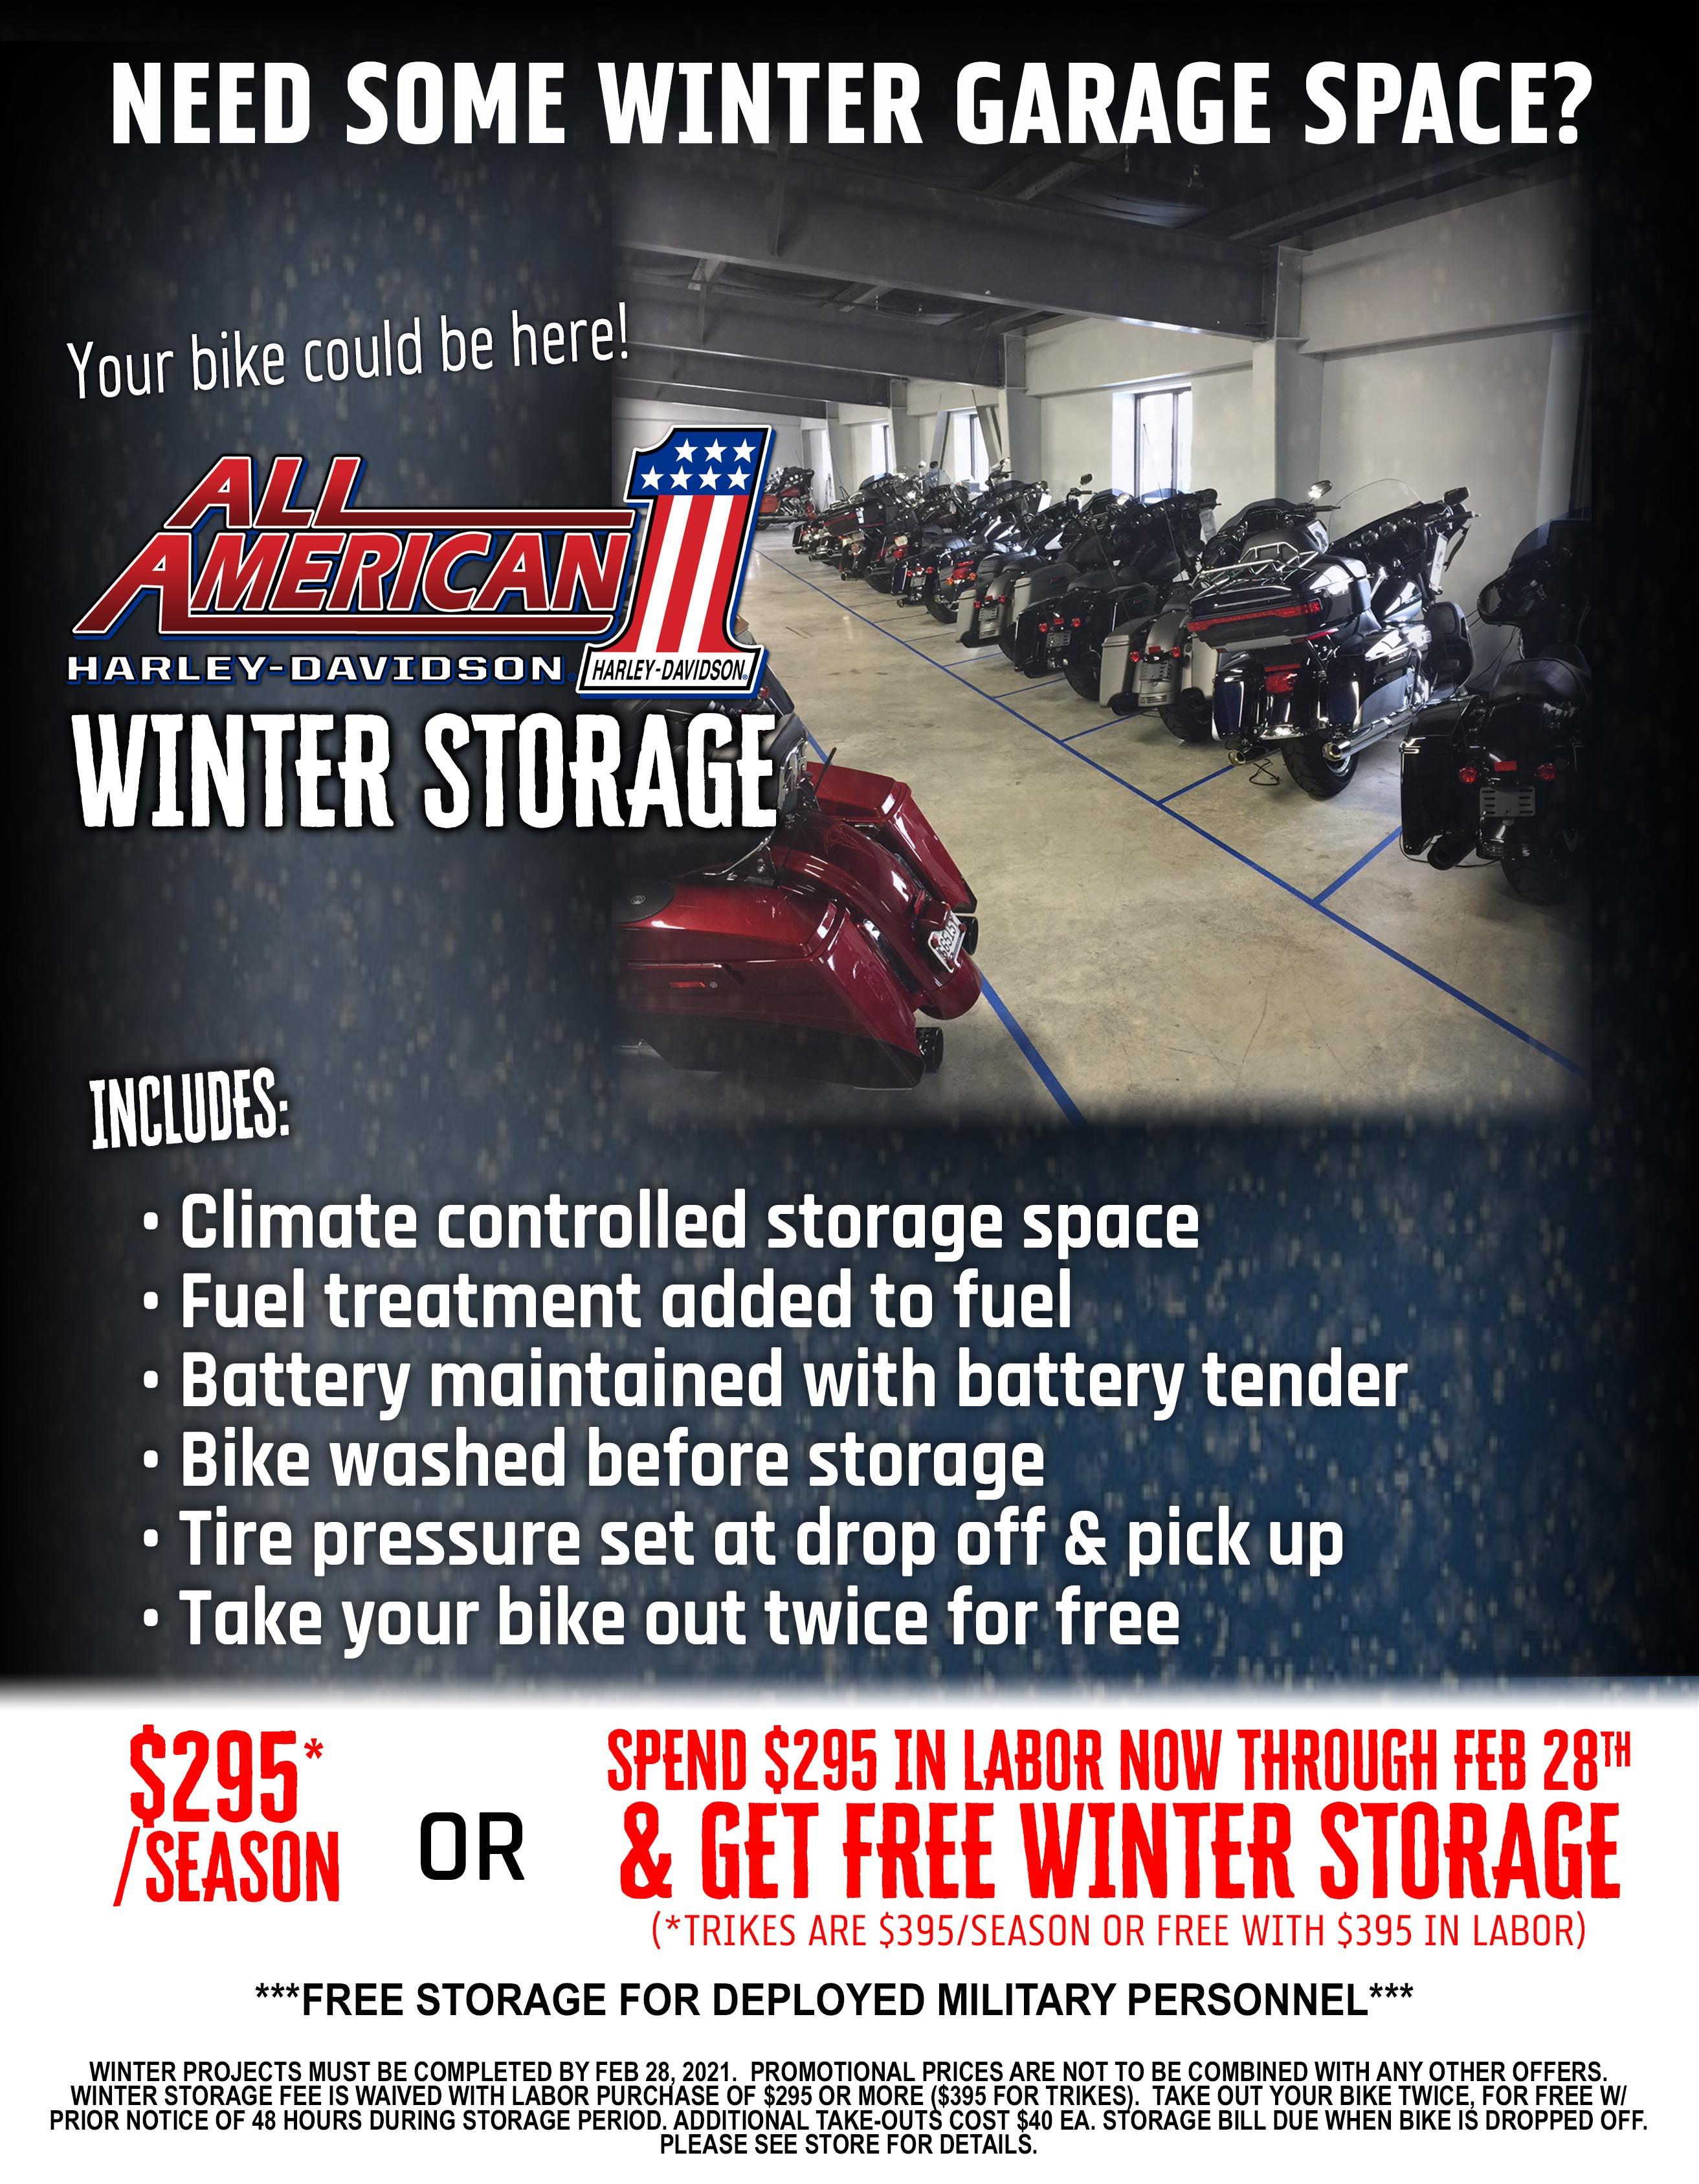 Harley-Davidson Service Department- Winter storage